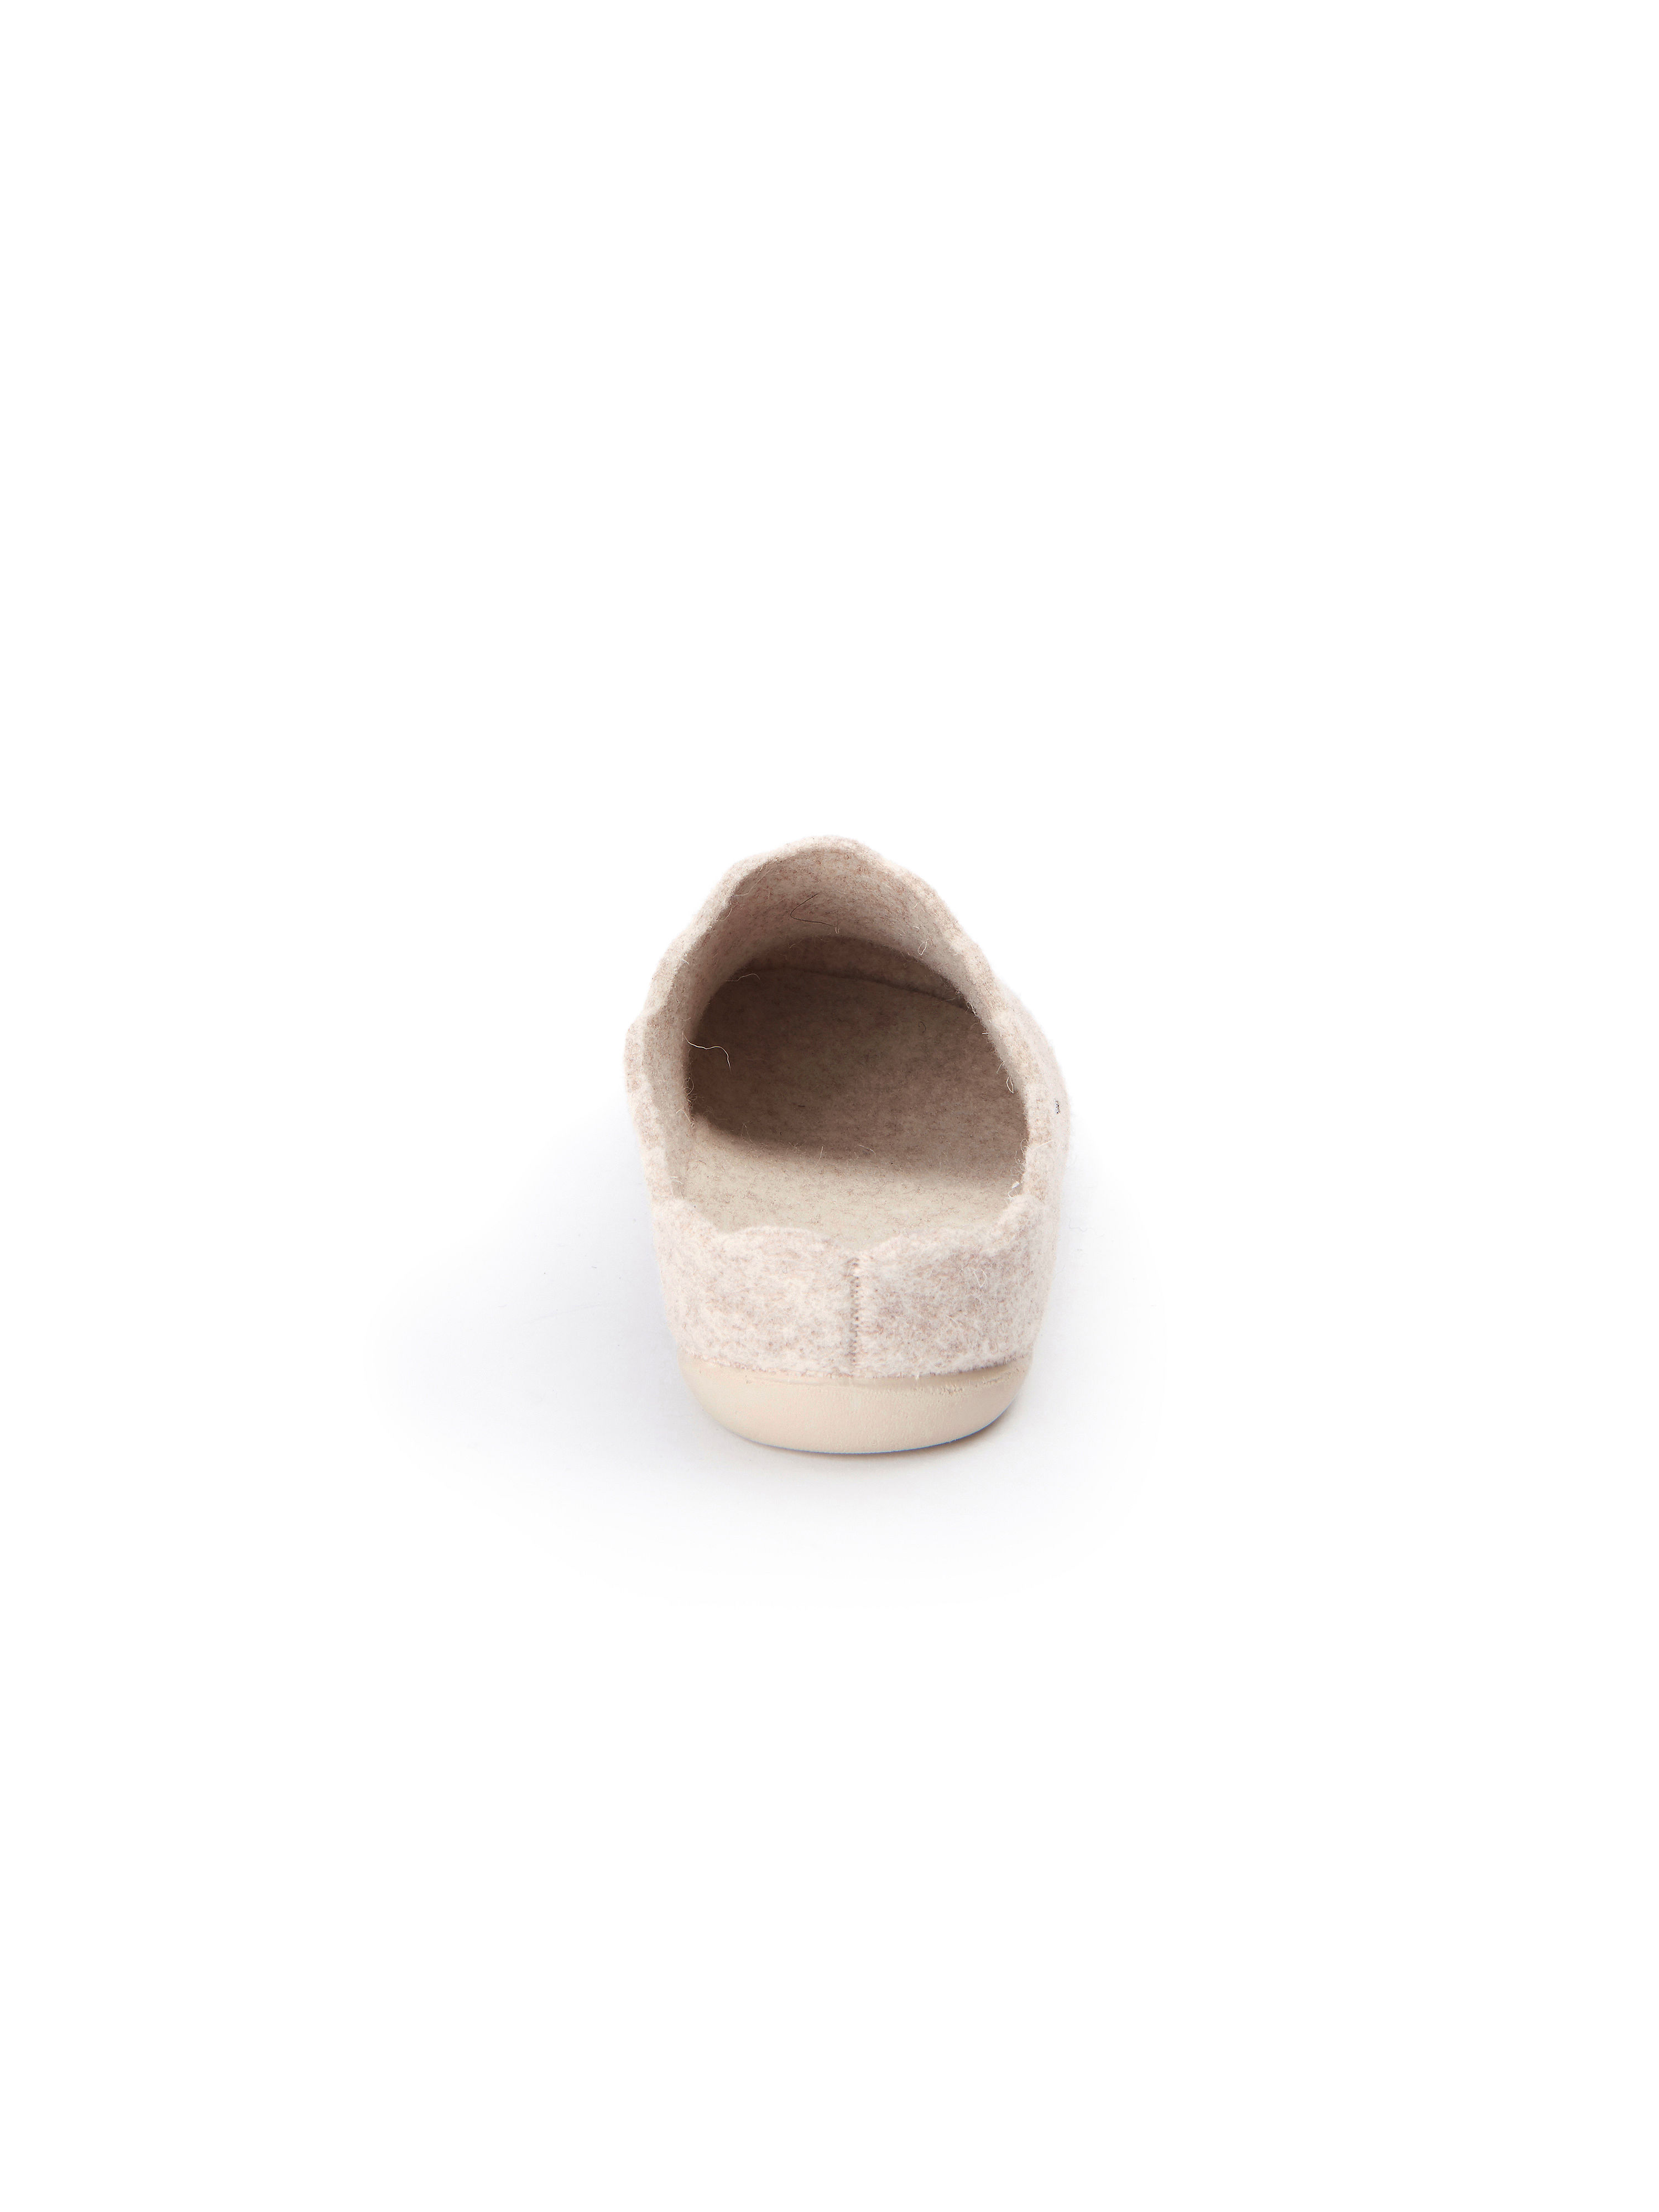 Shepherd - Qualität Pantolette - Beige Gute Qualität - beliebte Schuhe 0efde7